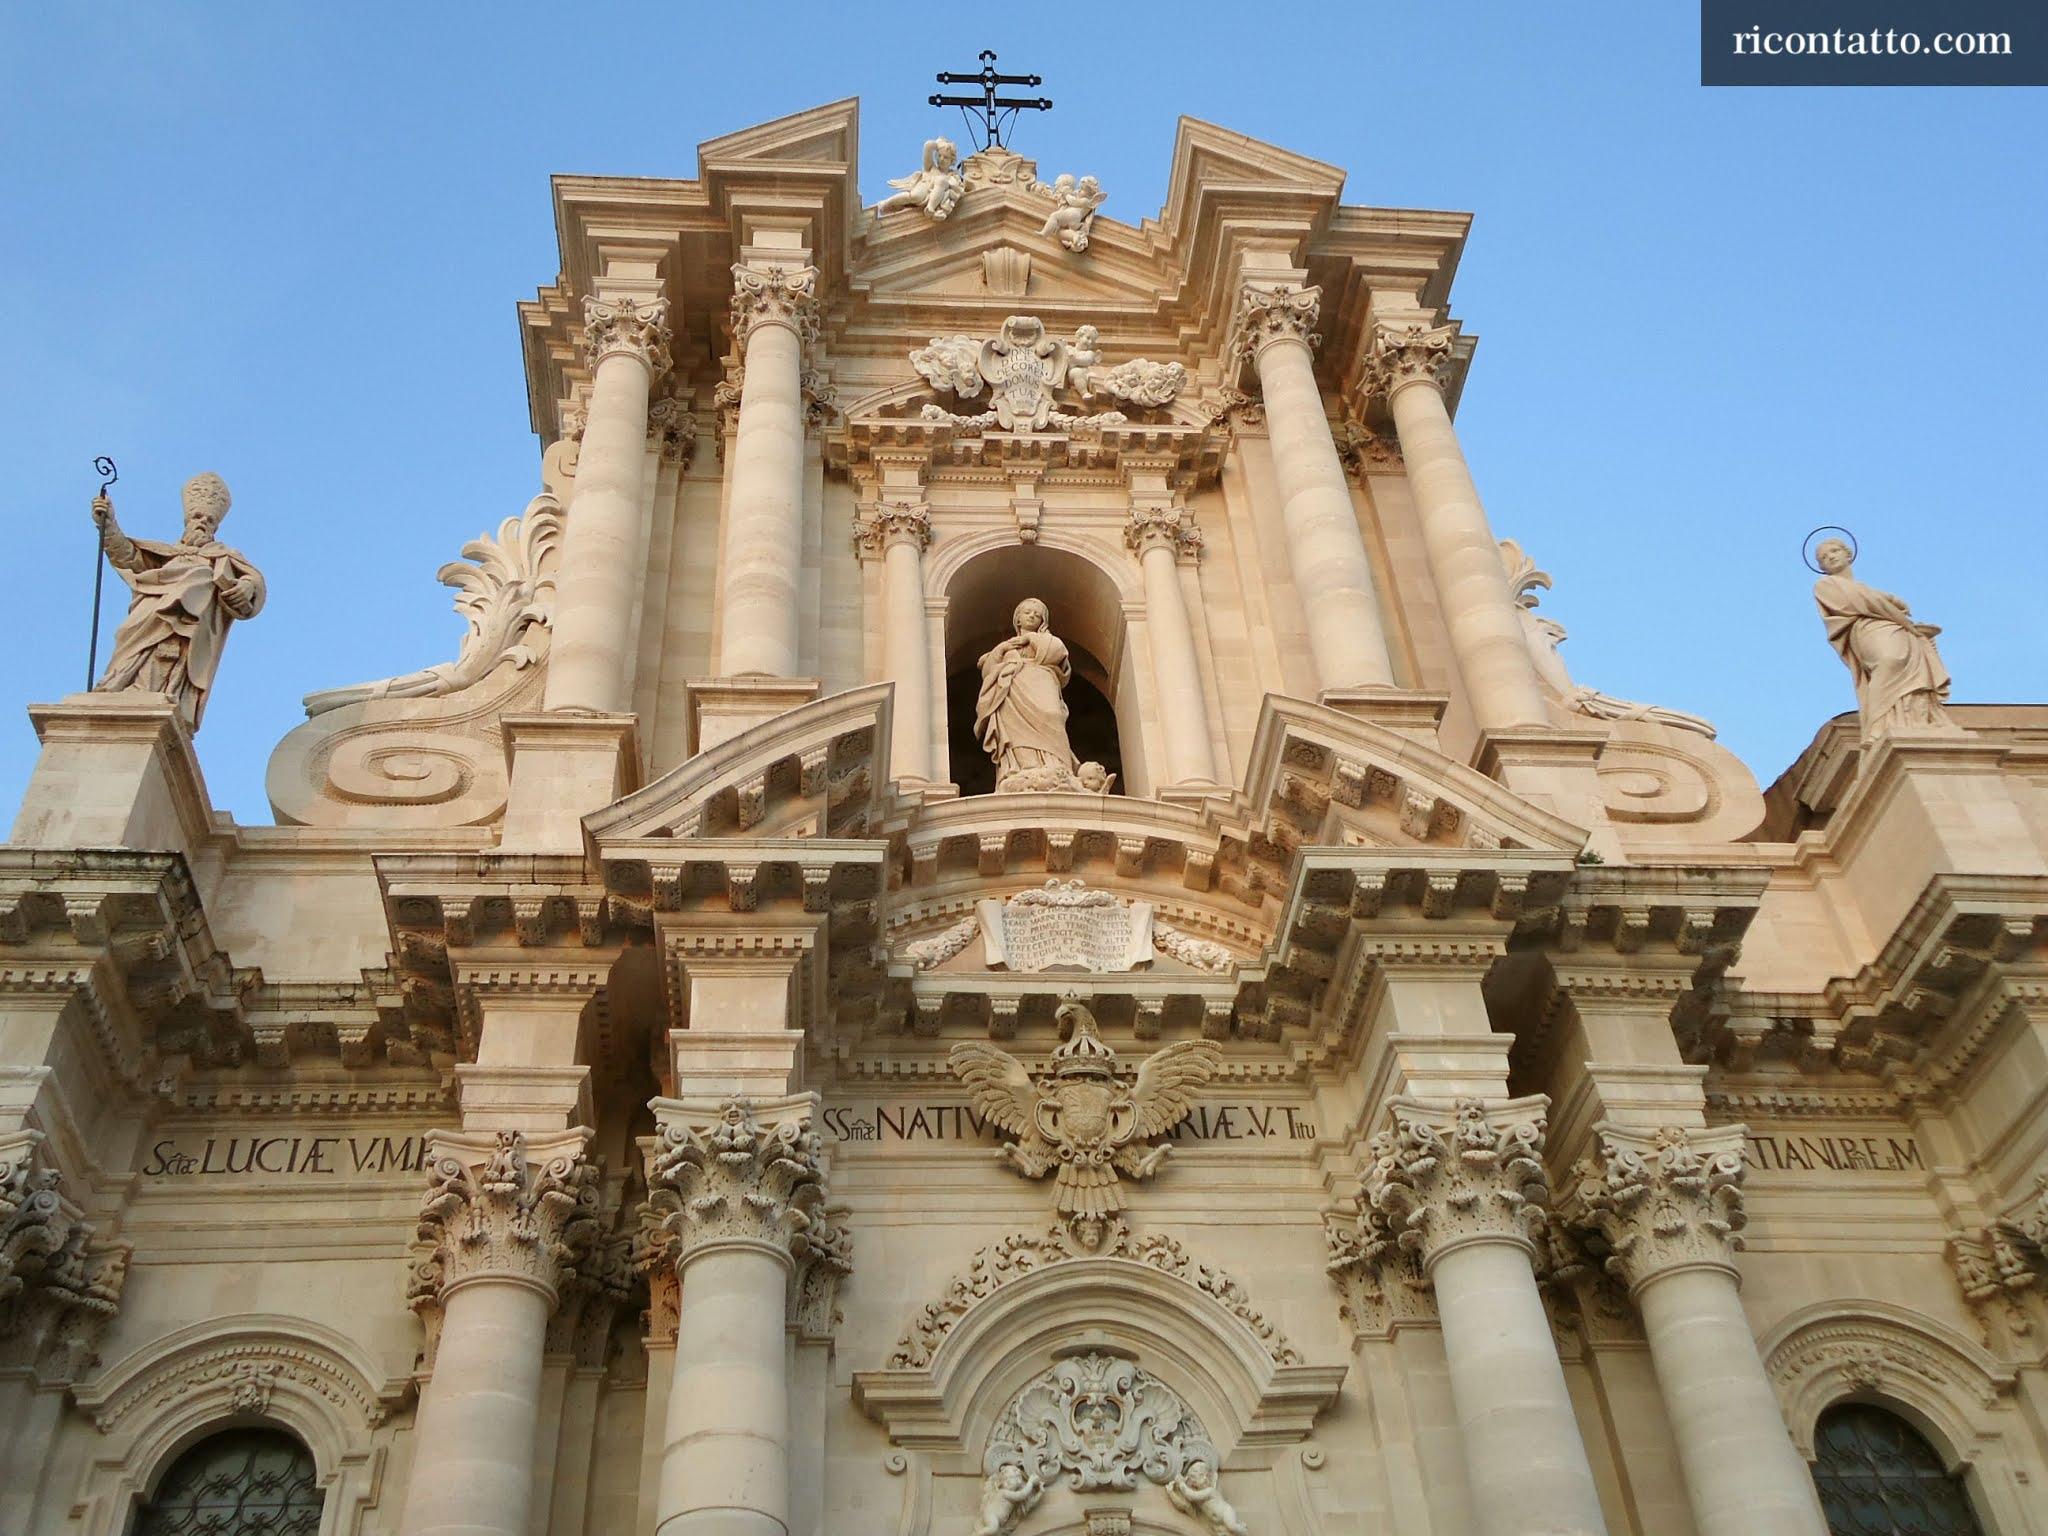 Siracusa, Sicilia, Italy - Photo #01 by Ricontatto.com